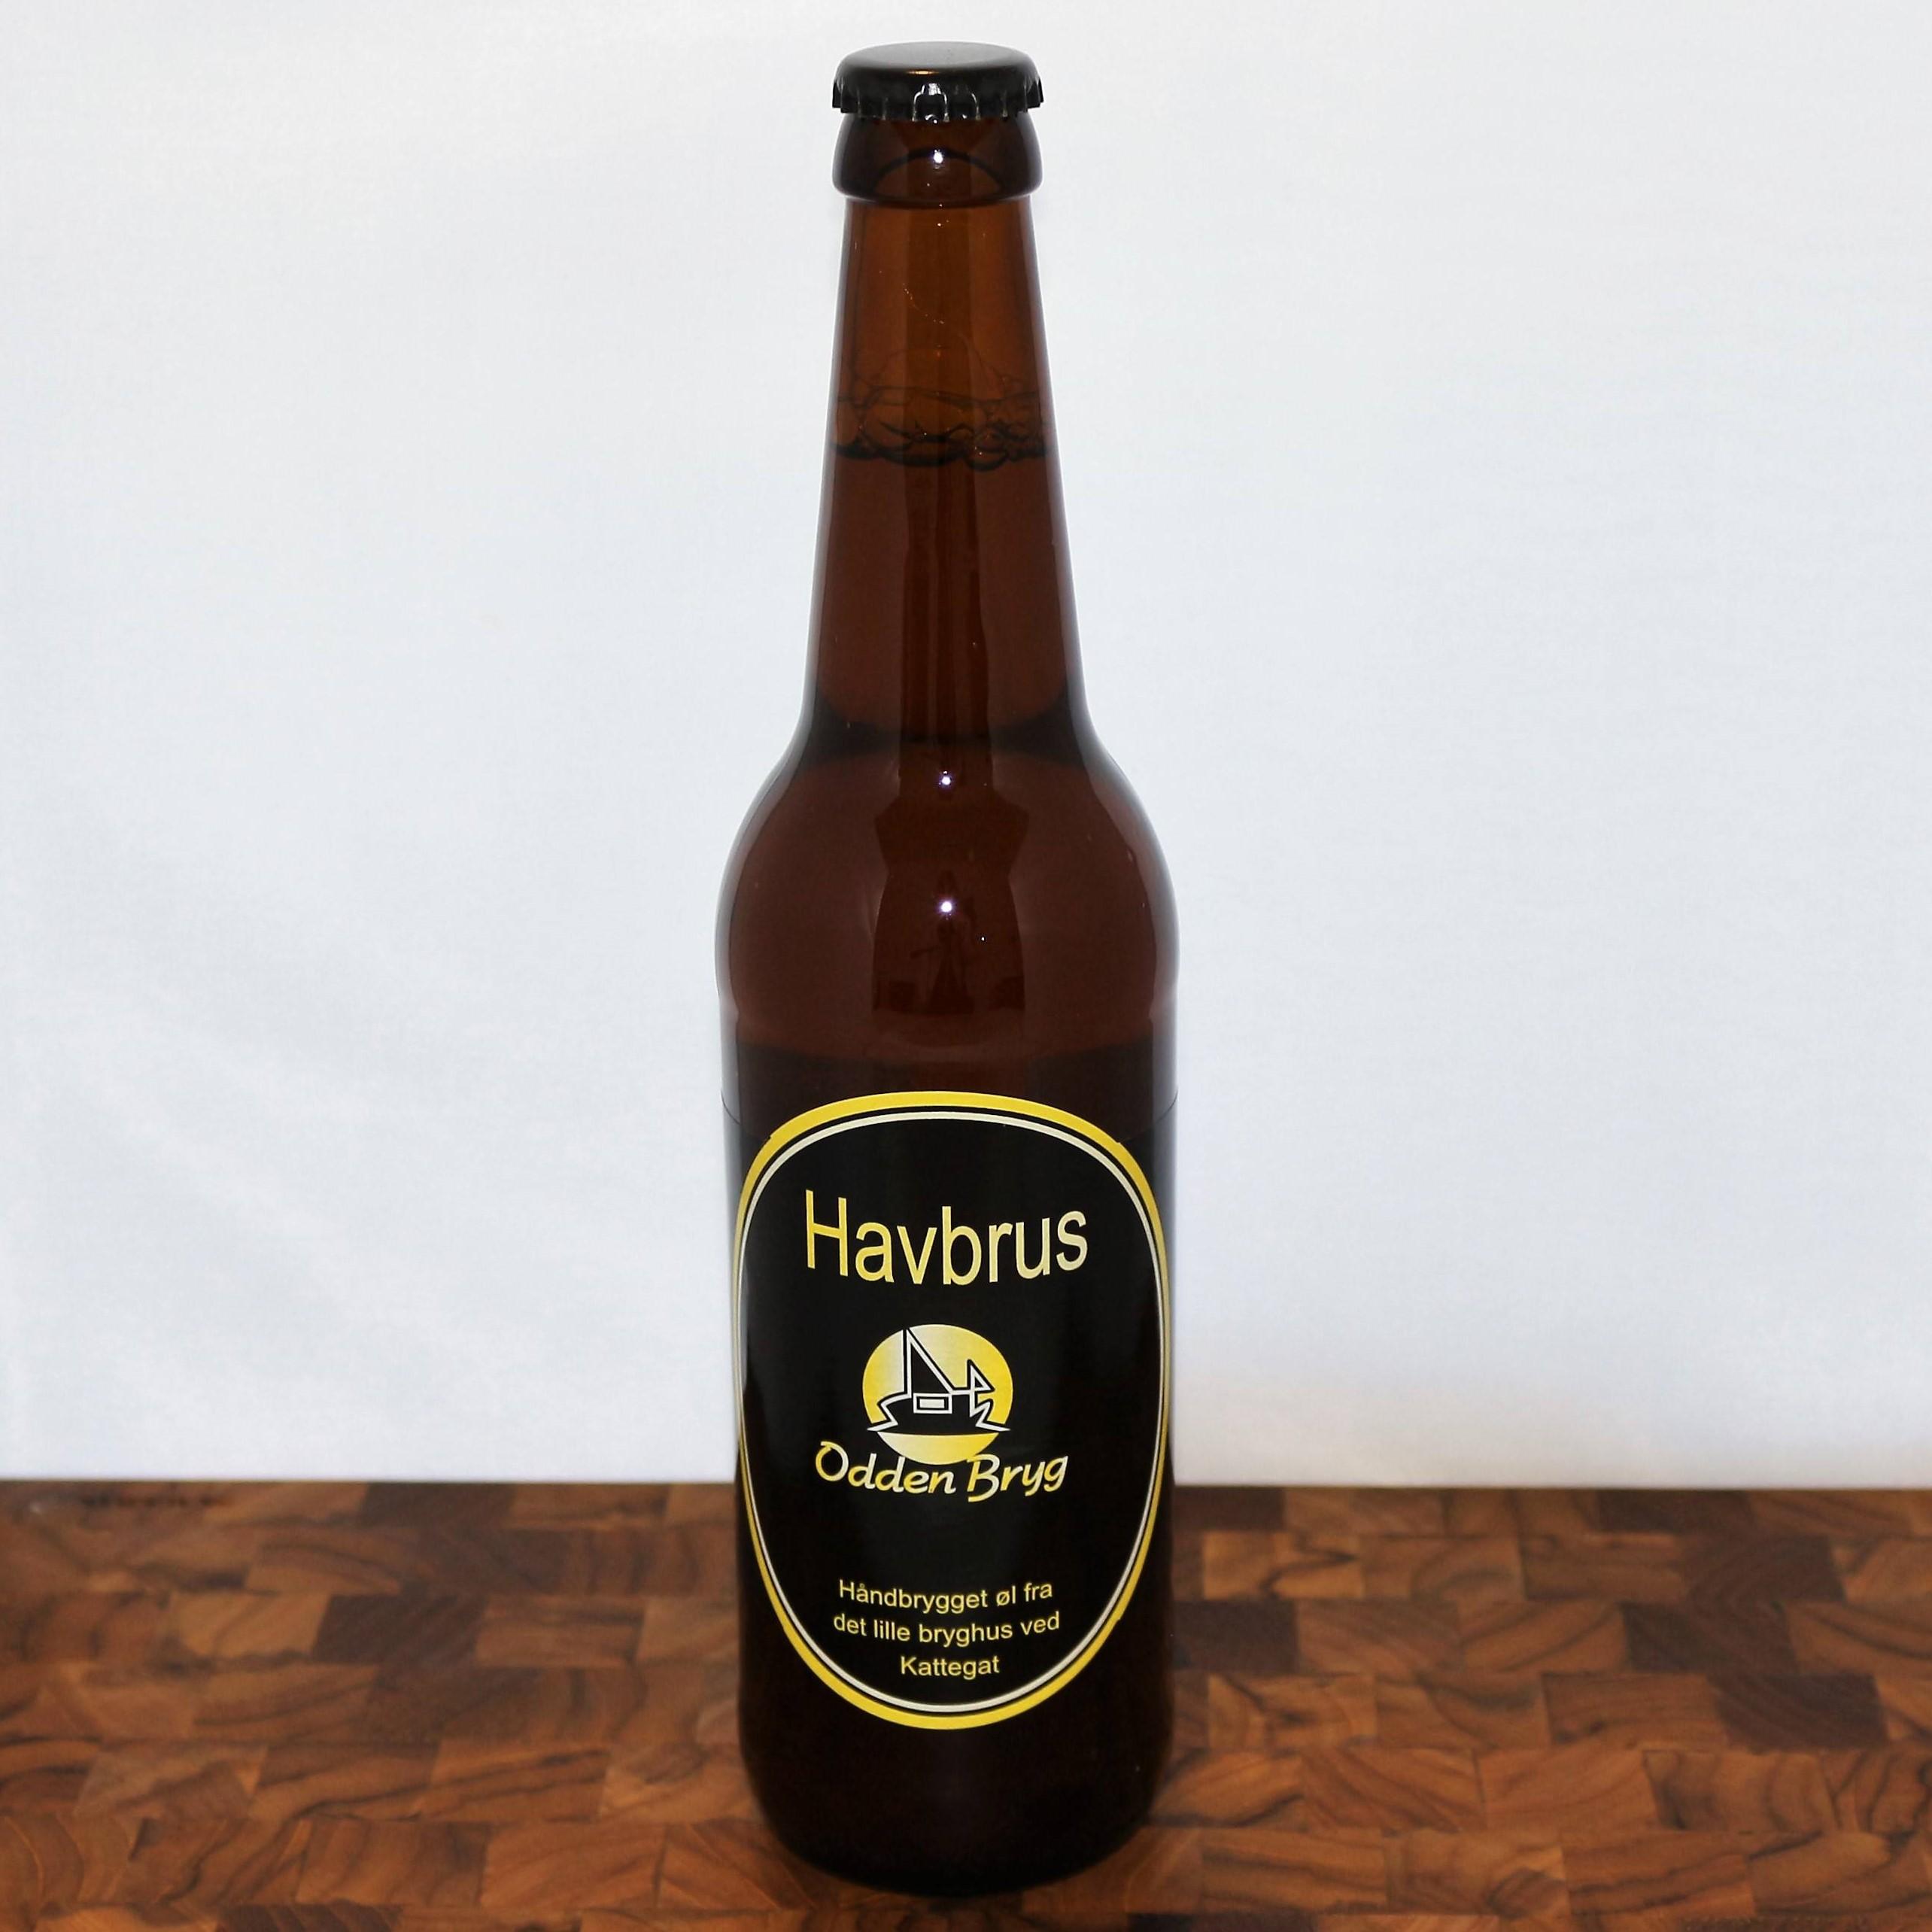 Odden Bryg Havbrus øl